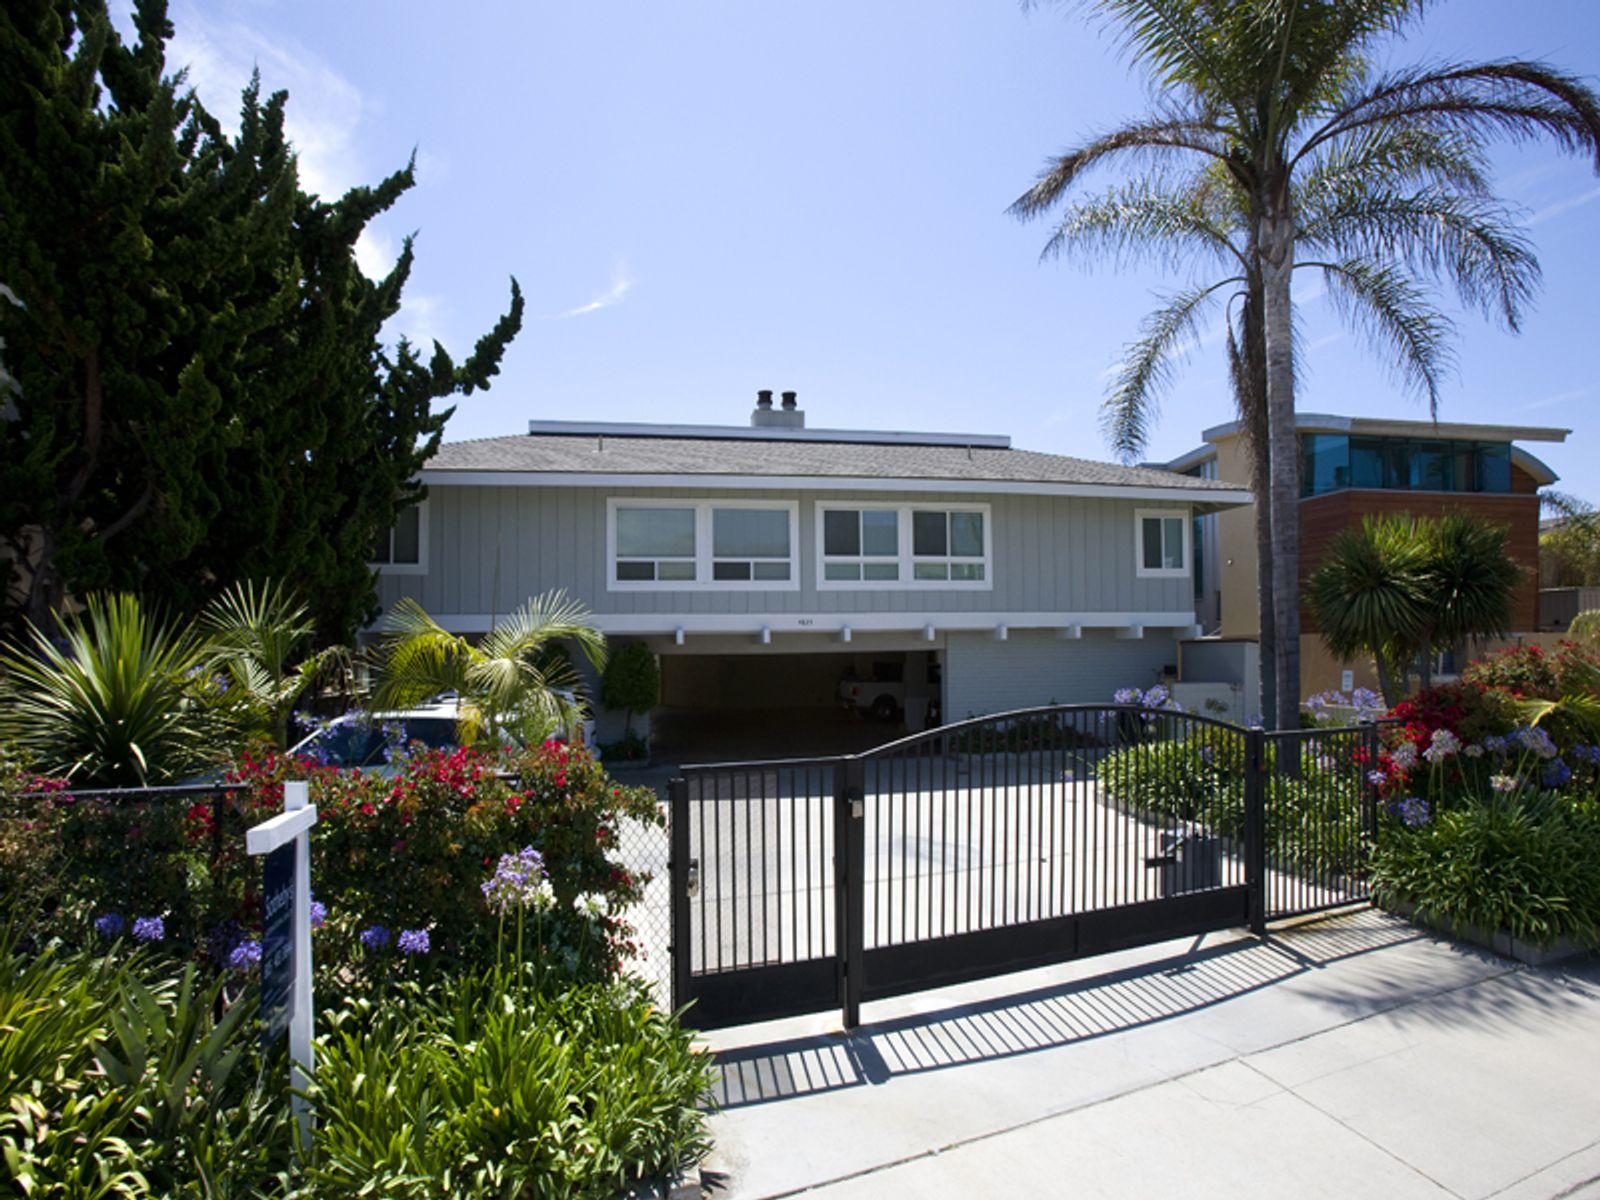 Santa barbara beach getaway carpinteria ca condominium for Real estate in carpinteria ca